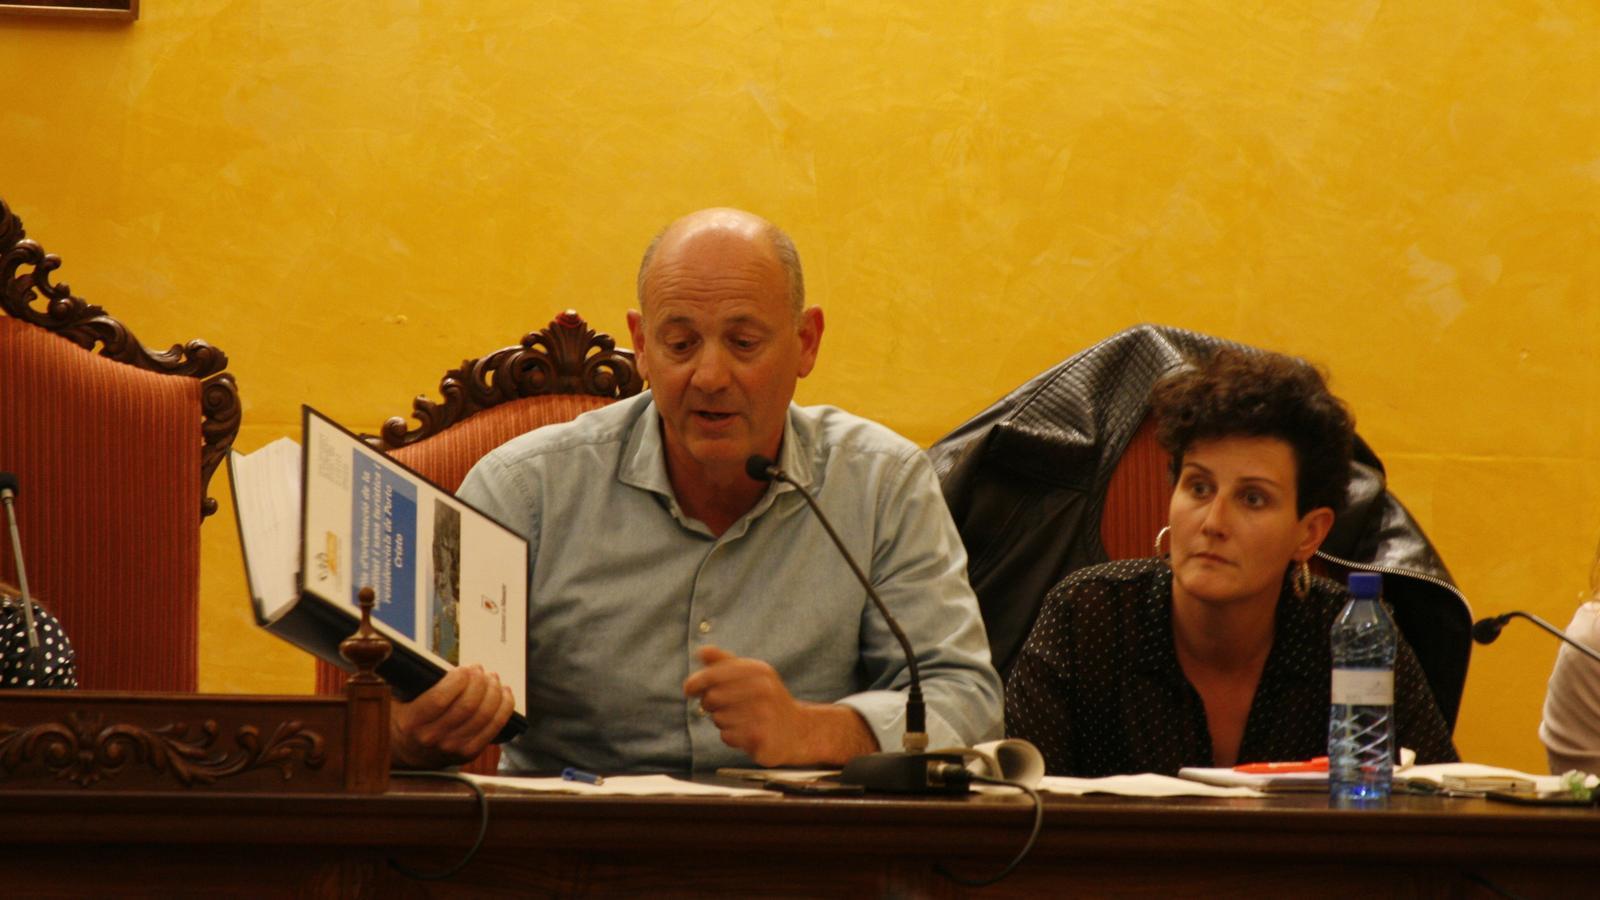 Joan Gomila (AIPC), amb el Pla de mobilitat de 2002, el darrer document que radiografià el trànsit als nuclis urbans.